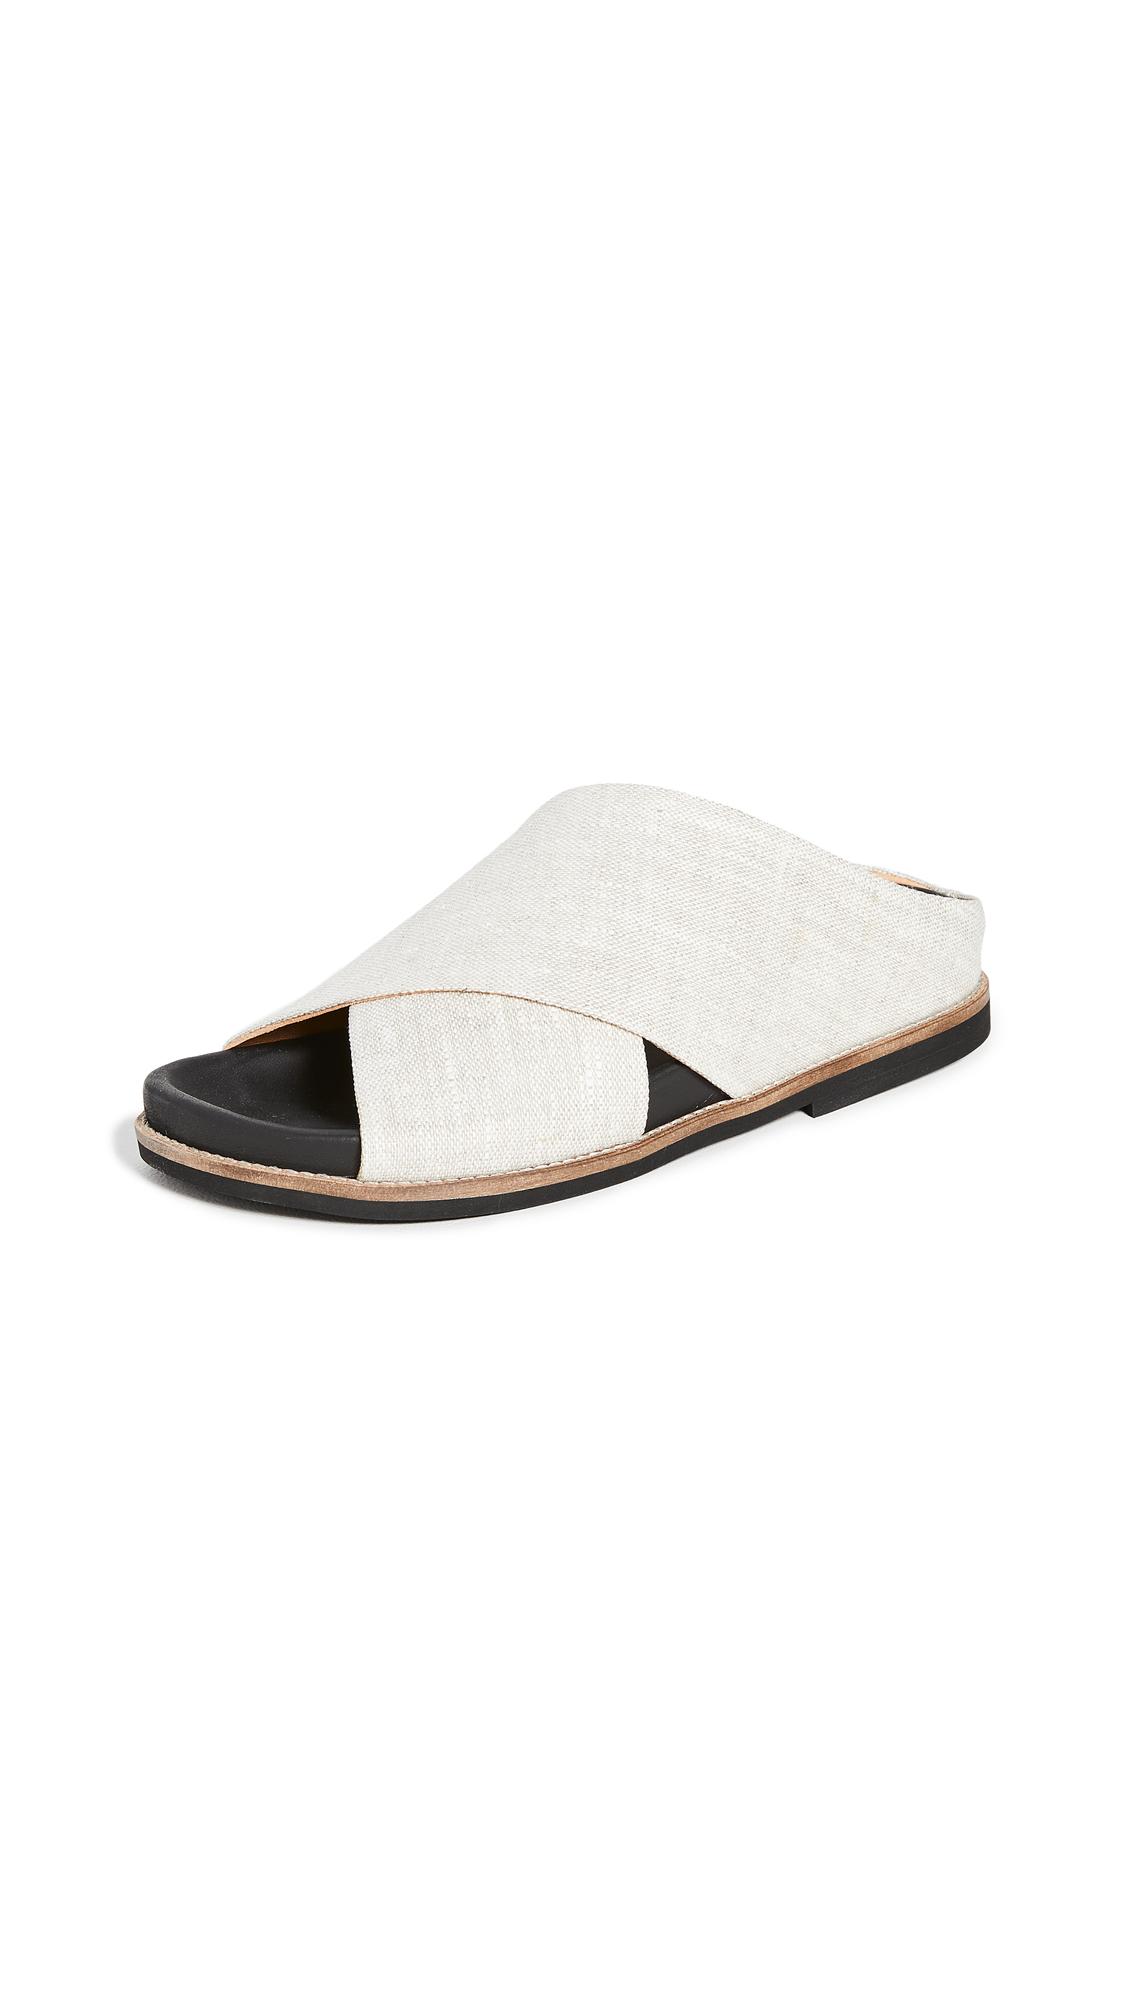 Buy GANNI Flat Slides online, shop GANNI